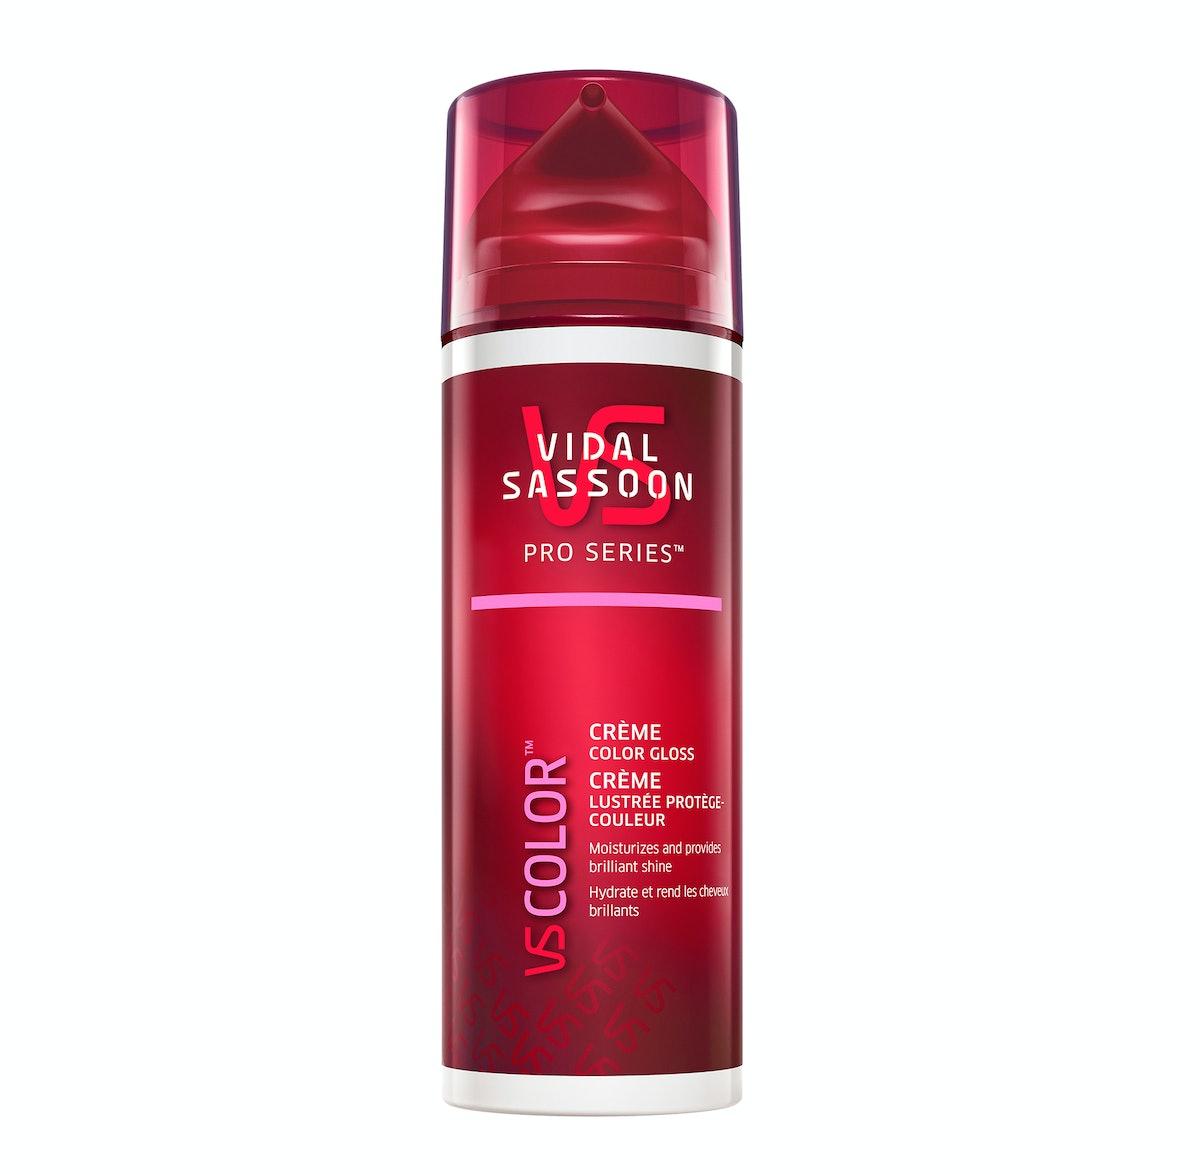 Vidal Sassoon Pro Series Crème Color Gloss